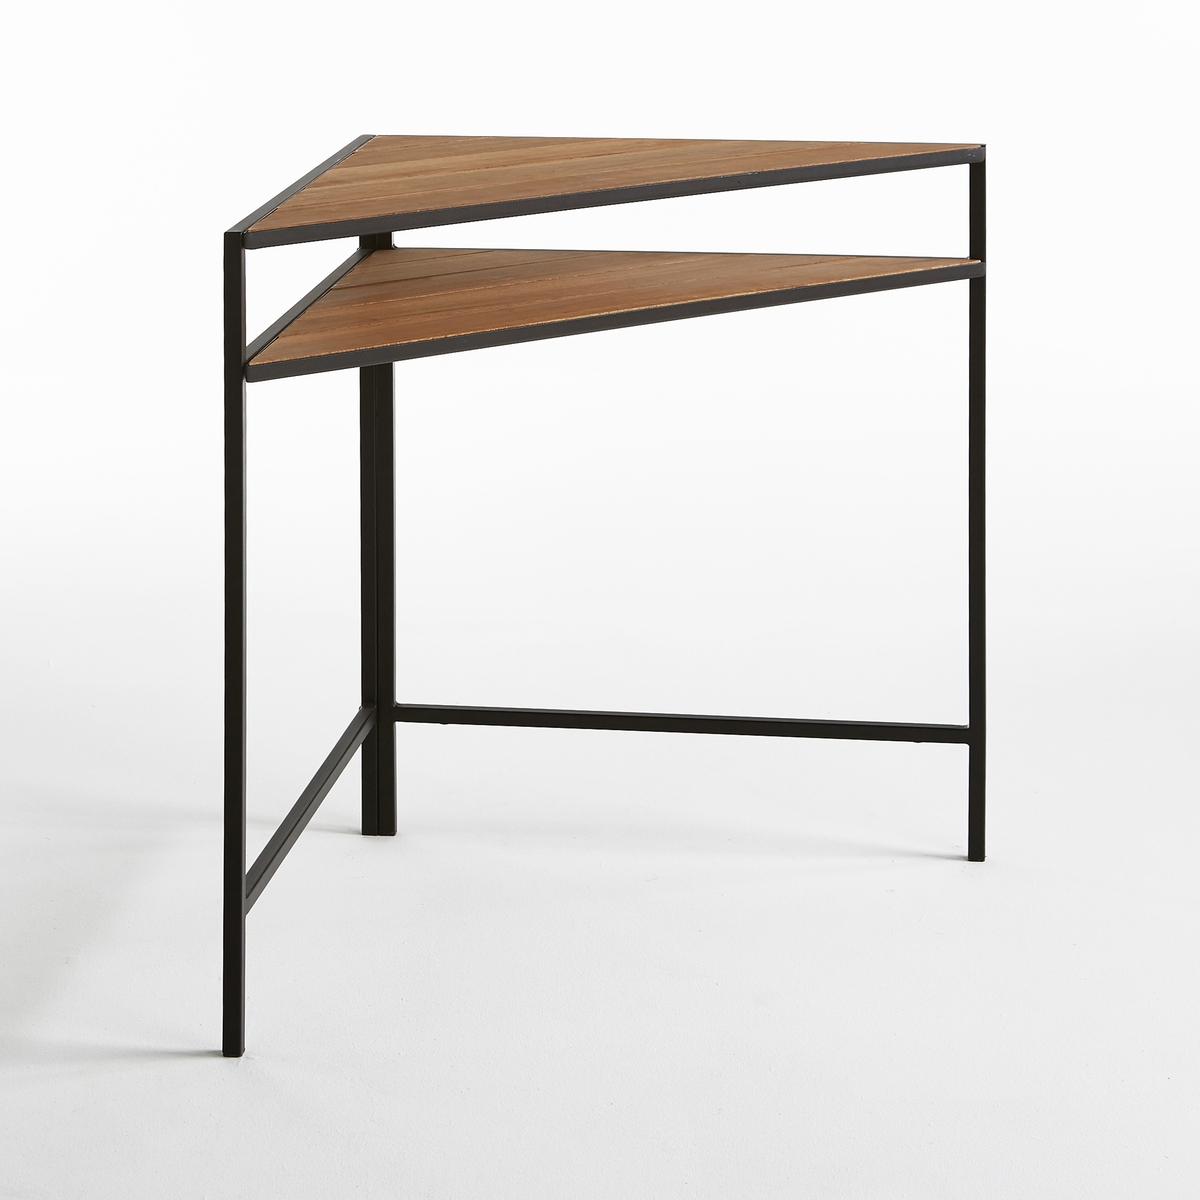 Стол садовый угловой из металла и акацииЭта модель углового садового стола из металла и акации удобно разместится как на балконе или террасе, так и в саду. Описание углового садового стола:2 этажерки регулируются в 3 положения (2 сверху и 1 снизу).Характеристики углового садового стола:выполнен из металла с покрытием эпоксидной краской и акации с масляным покрытием.Размеры углового садового стола:Длина: 61,5 см.Высота: 75,3 см.Глубина: 61,5 см.Размеры и вес коробки:1 коробкаД. 80 x В. 12 x Ш. 72 см10 кгДоставка:Данная модель стола требует самостоятельной сборки. Доставка осуществляется до квартиры!Внимание! Убедитесь в том, что посылку возможно доставить на дом, учитывая ее габариты.<br><br>Цвет: акация